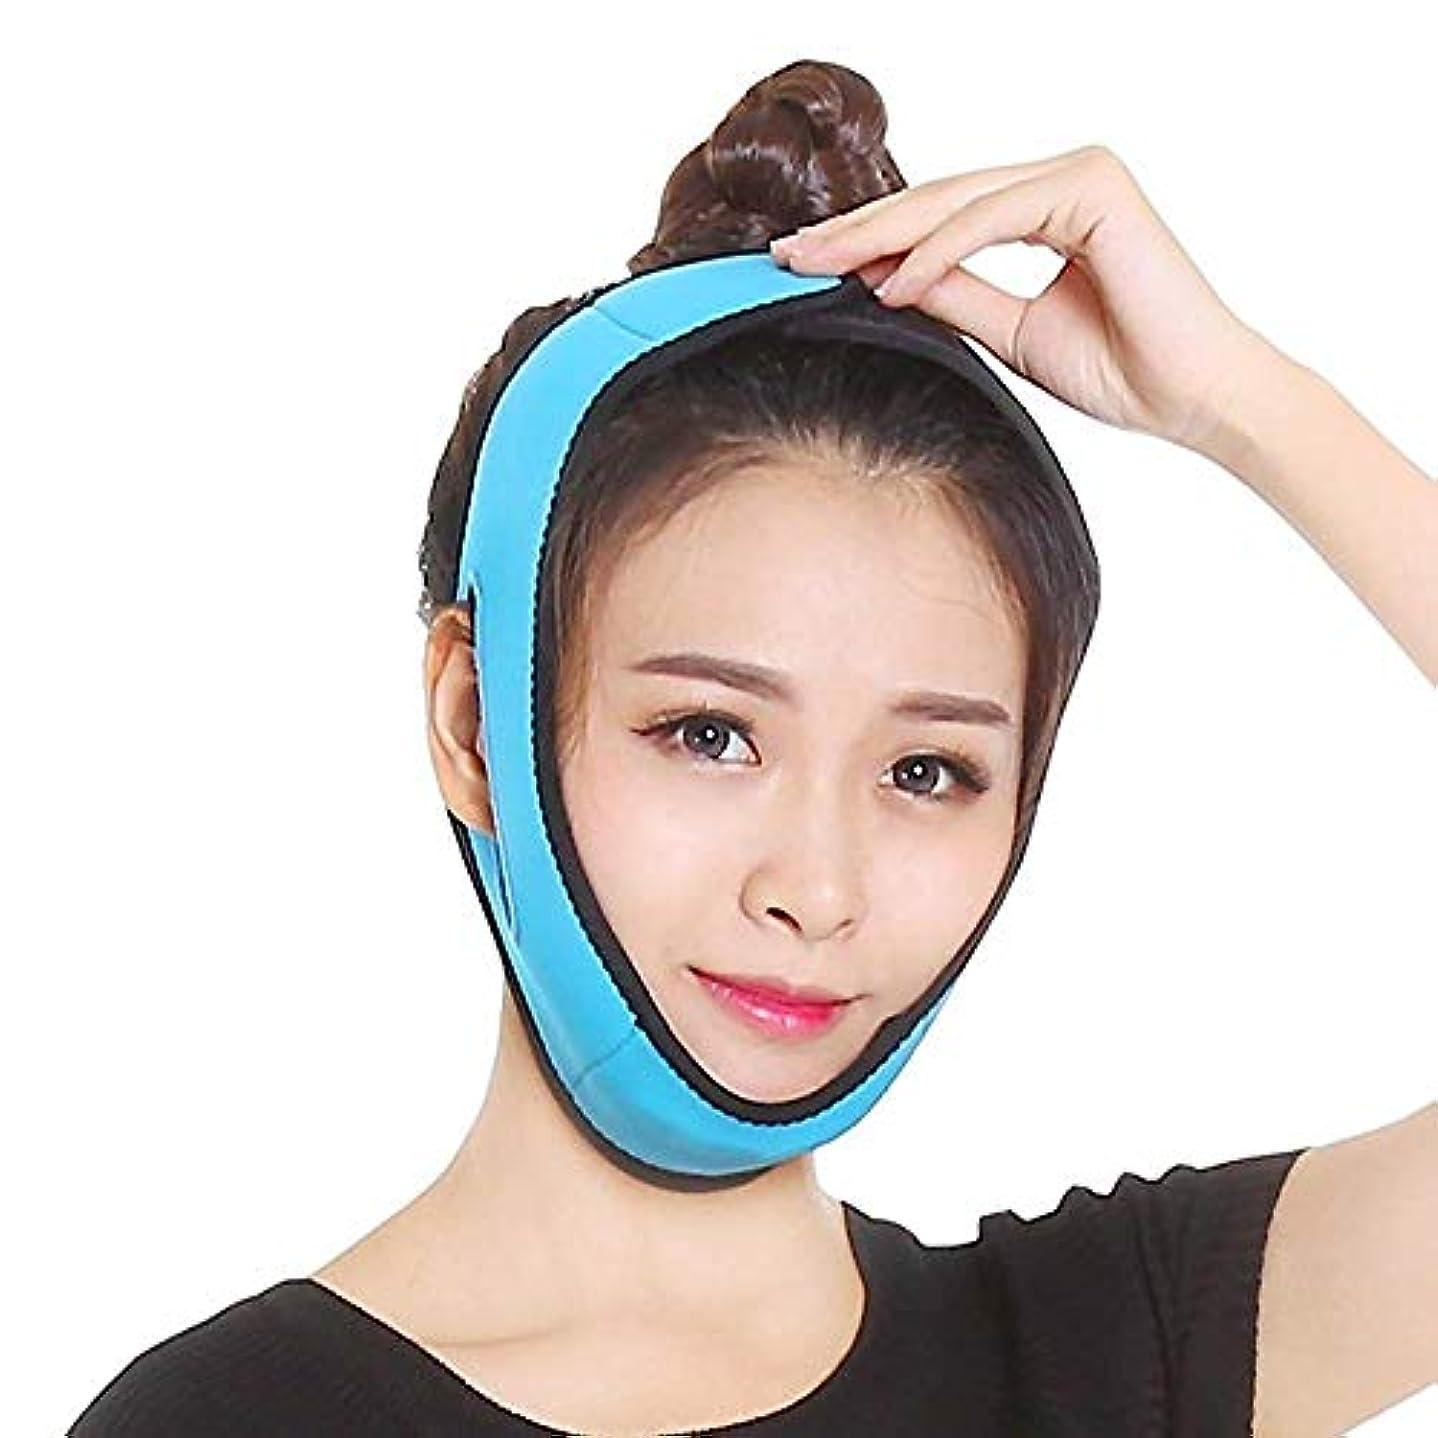 相対的インセンティブ損なうXHLMRMJ Thin Face Belt - 薄型フェイスツール薄型フェイスベルト通気性ラテックスマッサージVタイプフェイスアーティファクトフェイス薄型マスクフェイスリフティングベルト